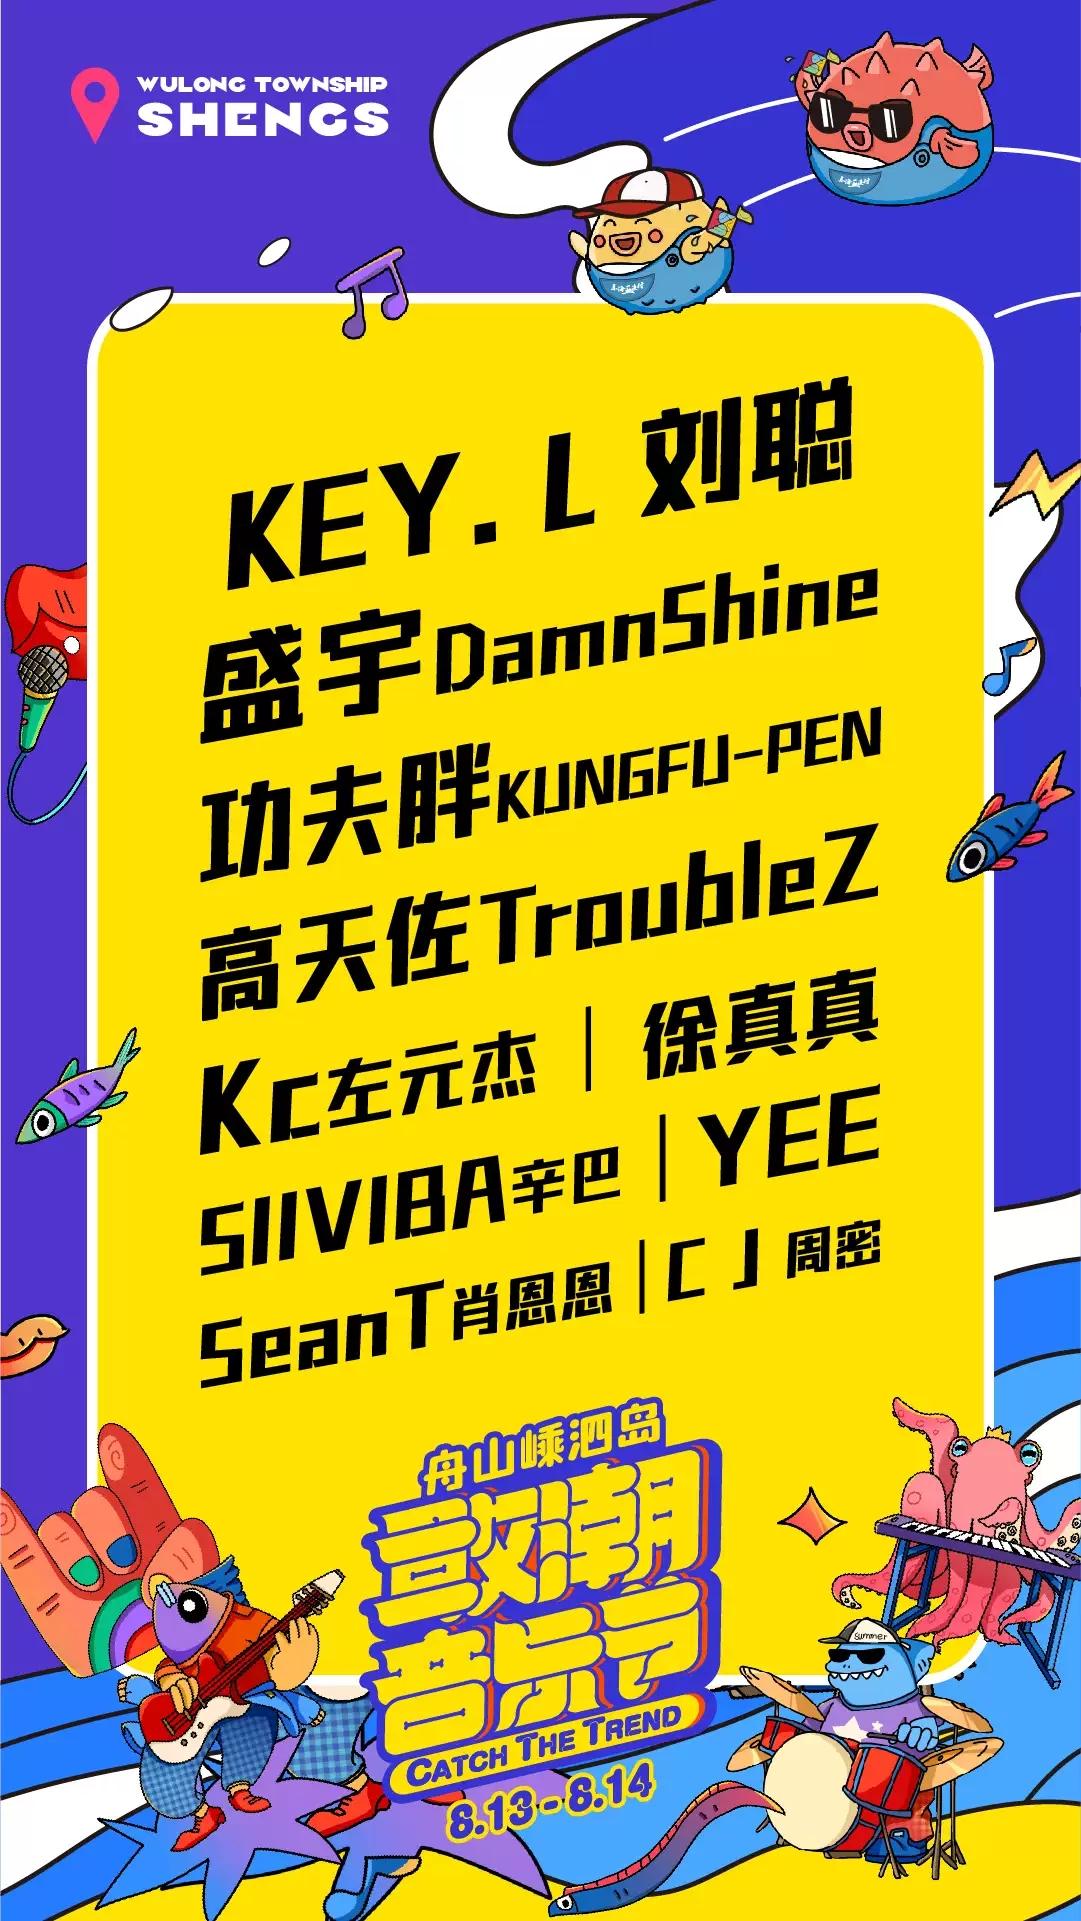 2021舟山敢潮音乐节门票链接及阵容介绍